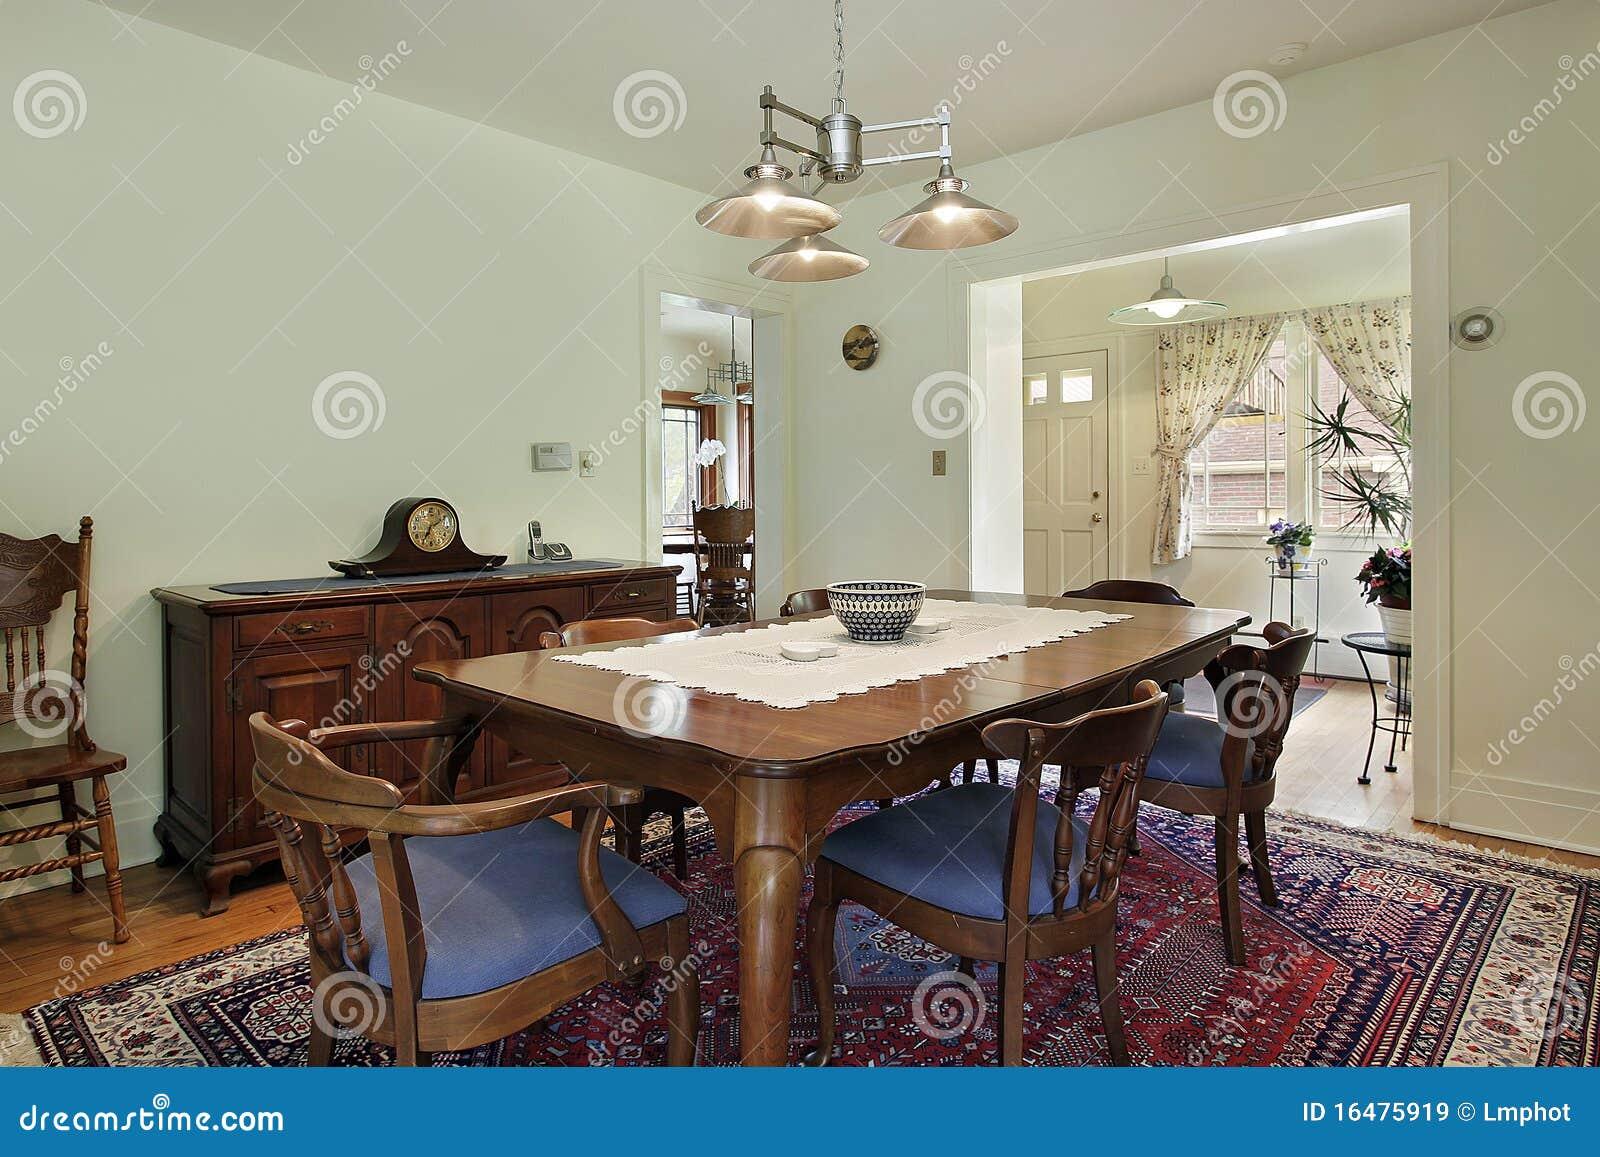 Eetkamer met kalk groene muren royalty vrije stock afbeeldingen beeld 16475919 - Eetkamer eetkamer ...